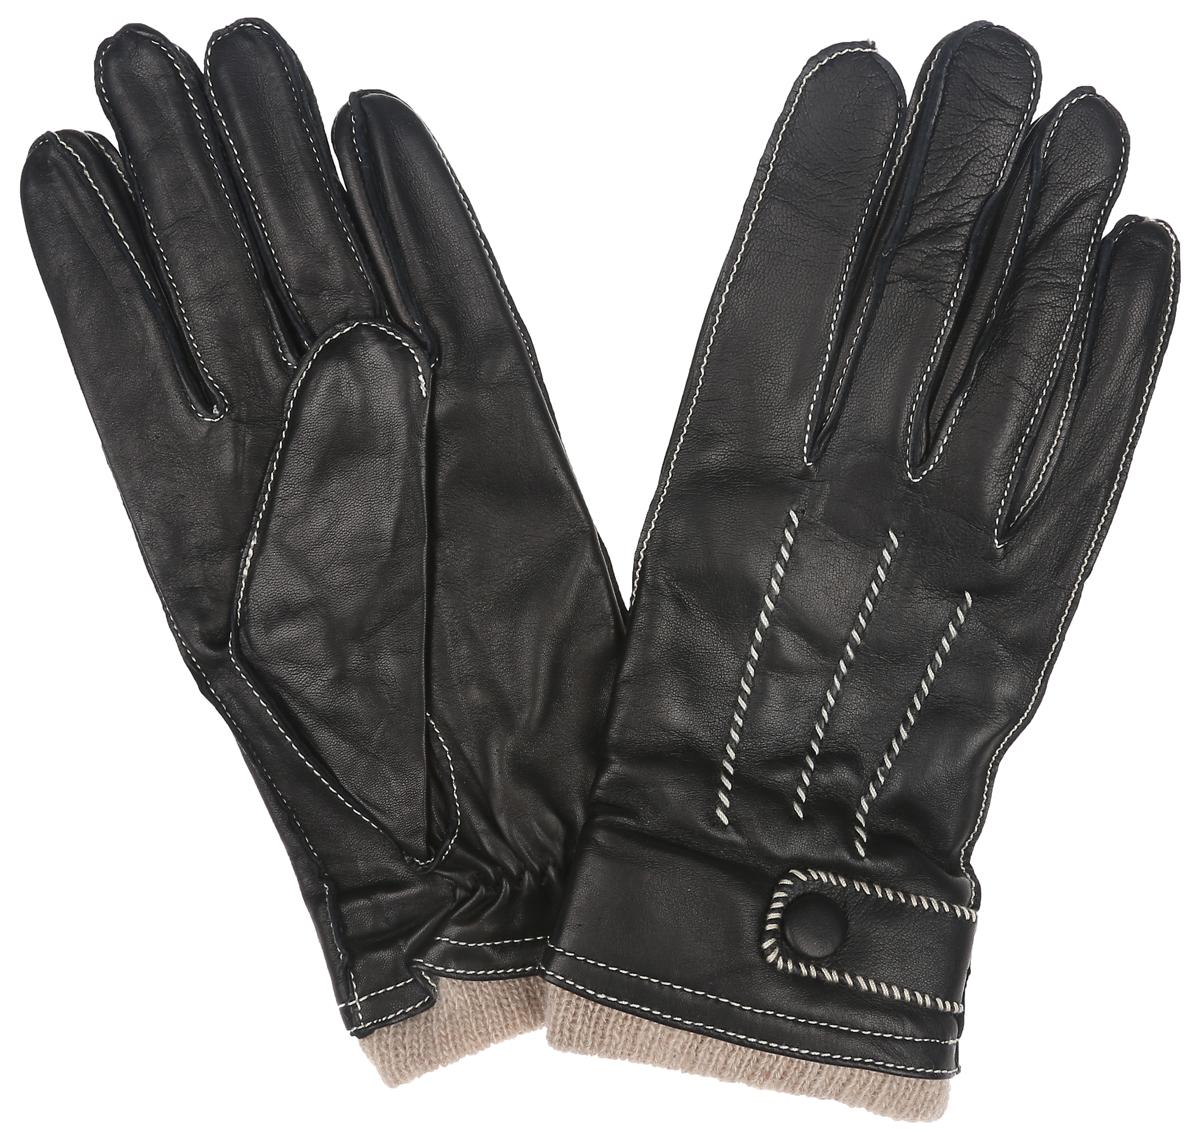 ПерчаткиOS01750Потрясающие мужские перчатки Eleganzza выполнены из чрезвычайно мягкой и приятной на ощупь кожи, а их подкладка - из натуральной шерсти с добавлением кашемира. Модель оформлена наружными швами с контрастной прострочкой. Лицевая сторона дополнена декоративными швами три луча и декоративным ремешком на застежке-кнопке. В настоящее время перчатки являются неотъемлемой принадлежностью одежды. Перчатки станут завершающим и подчеркивающим элементом вашего стиля и неповторимости.